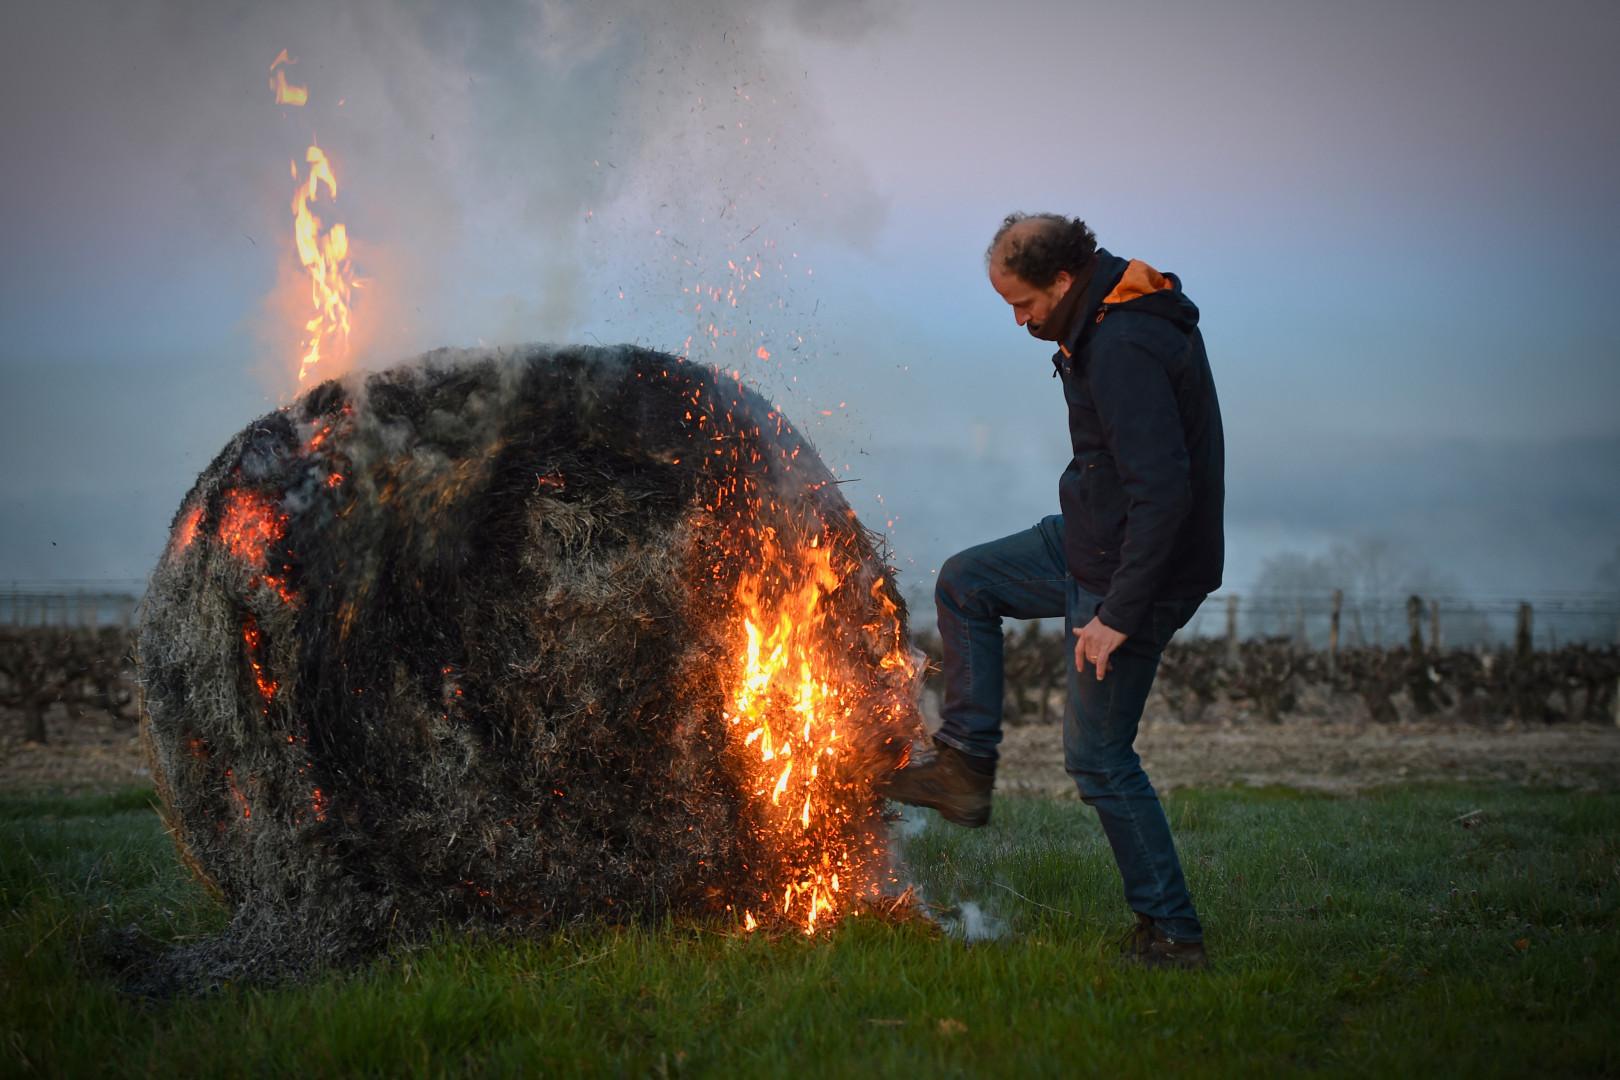 Un viticulteur en train de mettre le feu à une botte de foin pour protéger ses vignes du froid, à Chançay (Indre-et-Loire), le 6 avril 2021